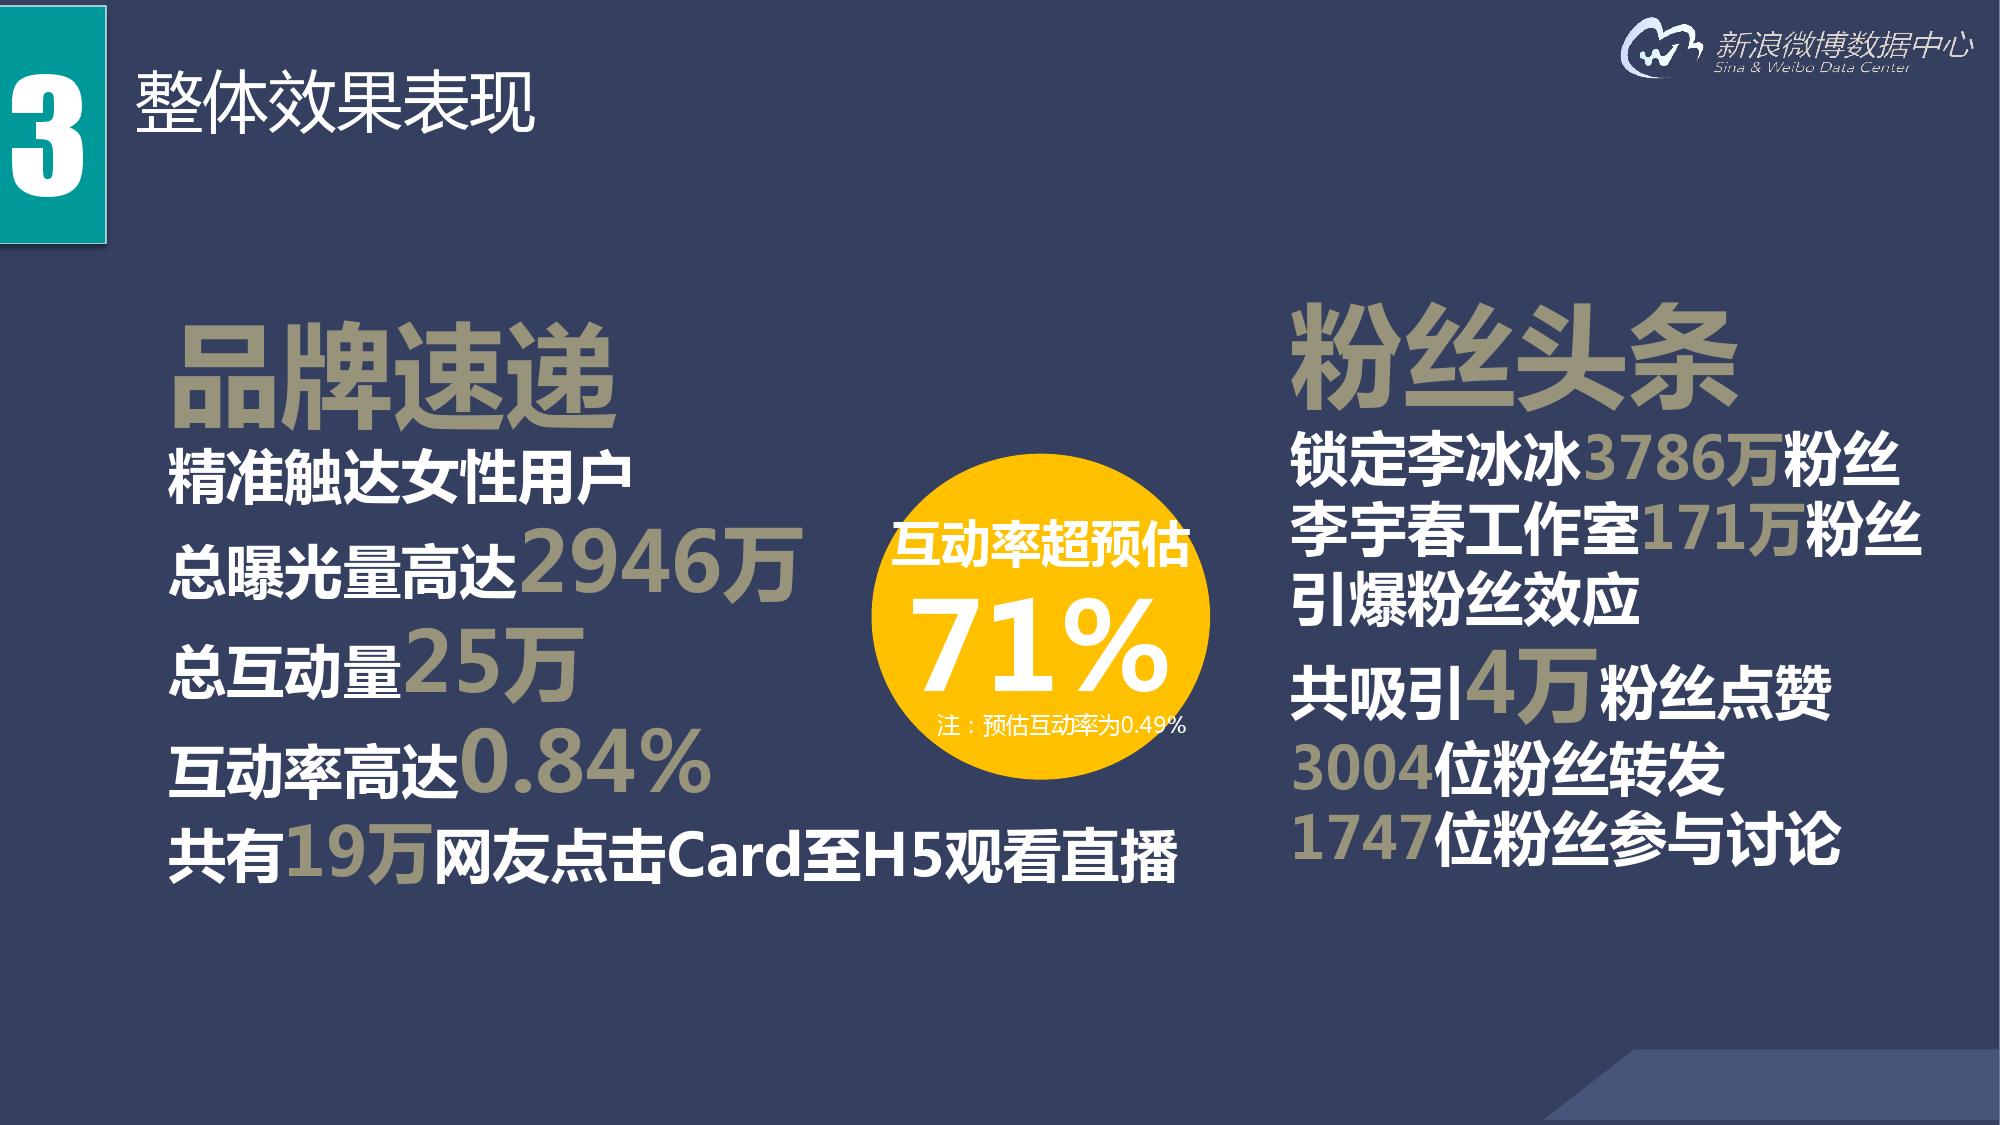 2016年化妆品行业报告_000029